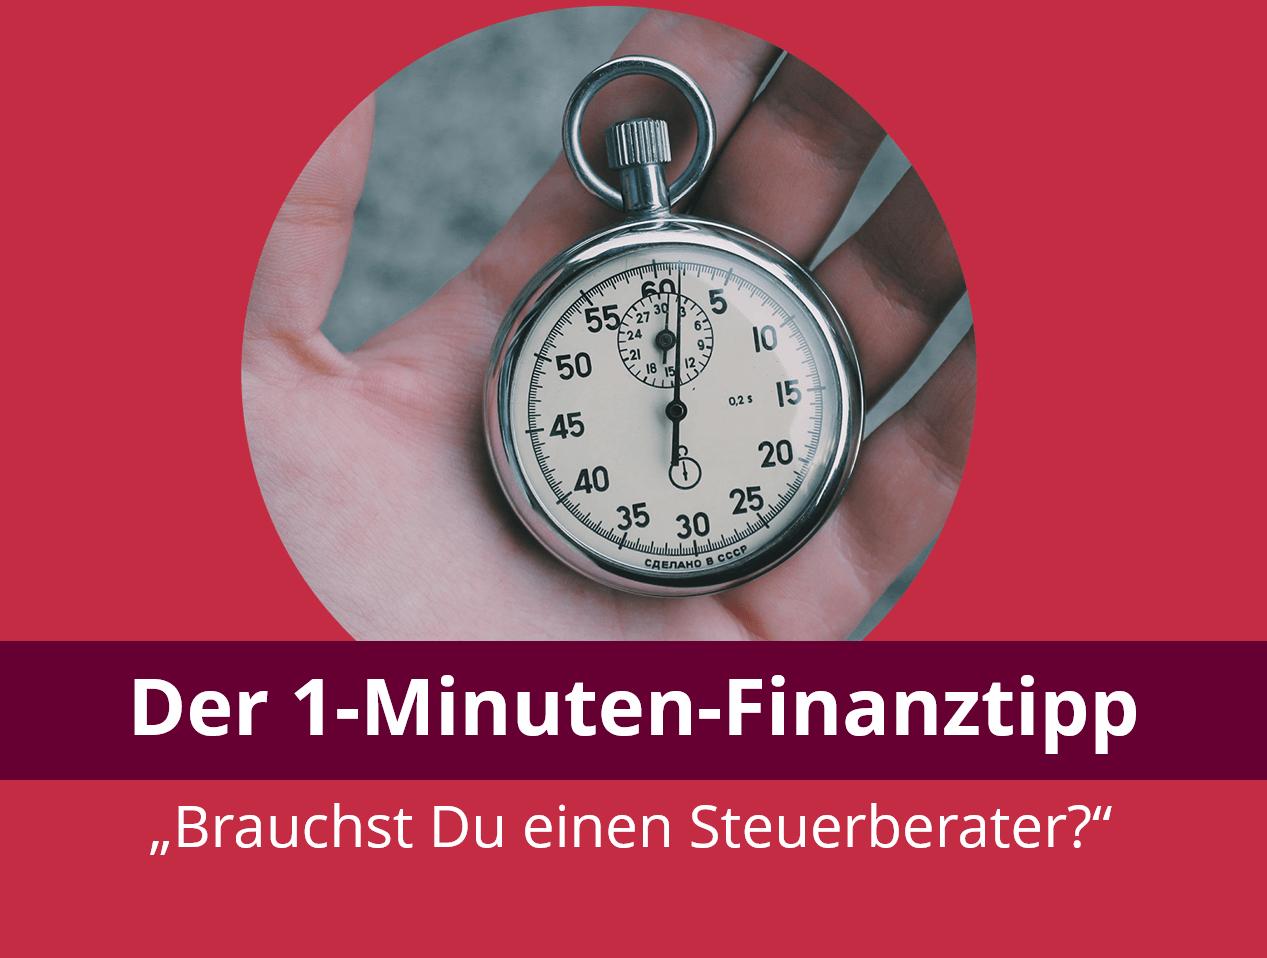 1-Minuten-Finanztipp: Brauchst Du einen Steuerberater?